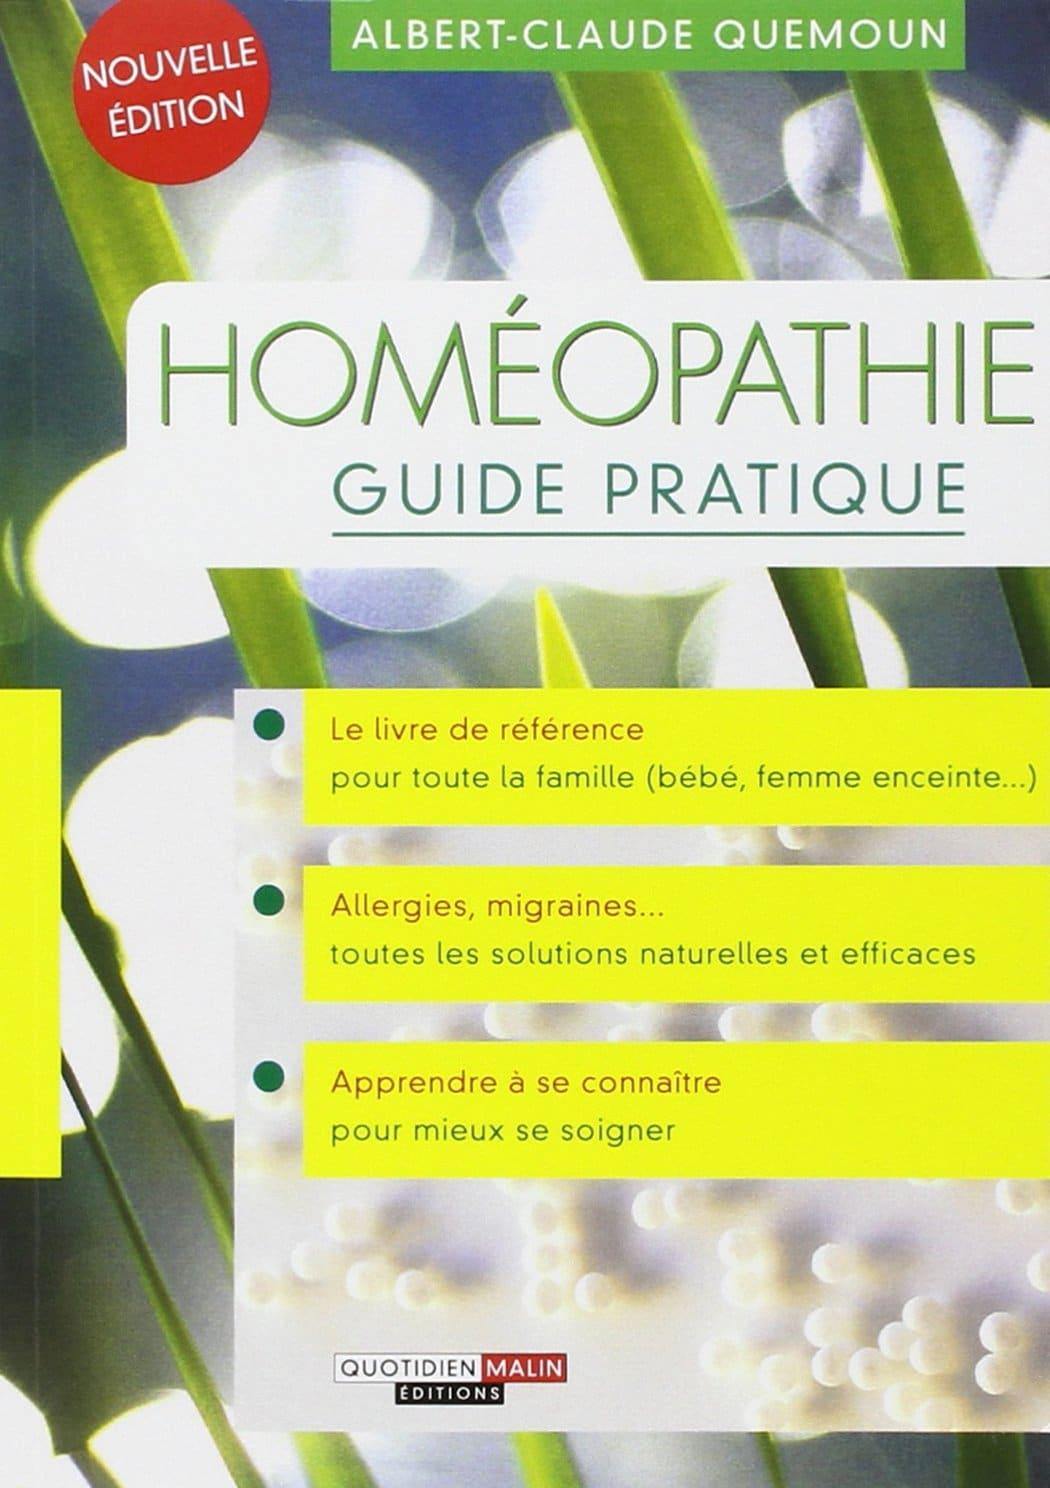 Livre sur l'homéopathie